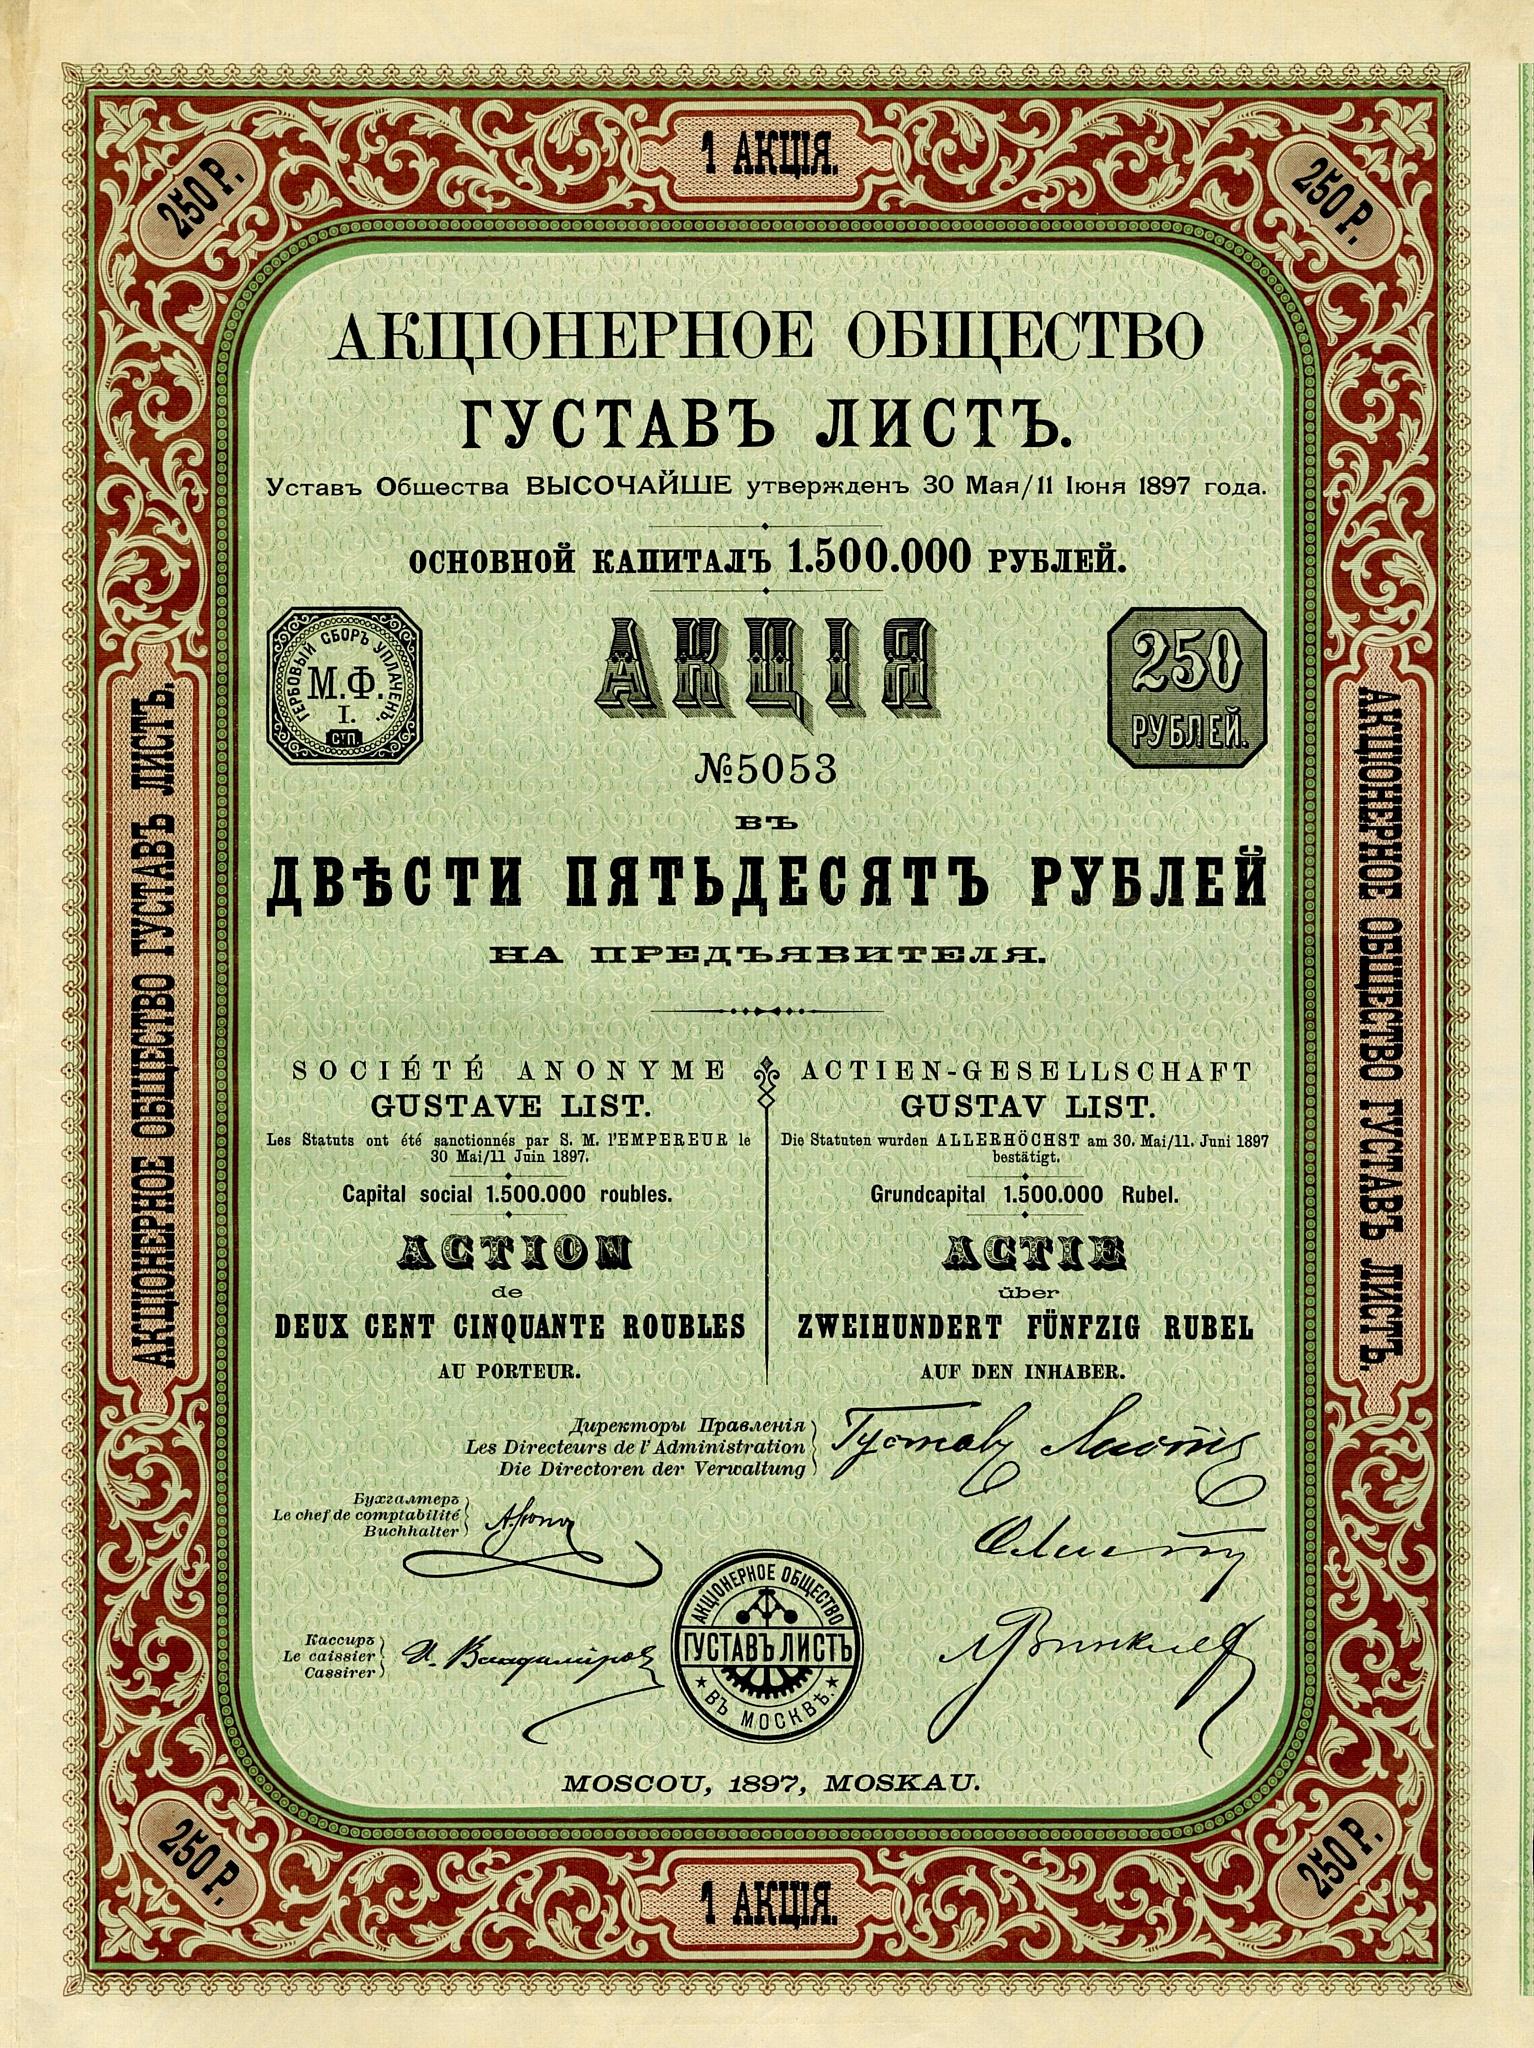 История. Противопожарное оборудование Густава Листа